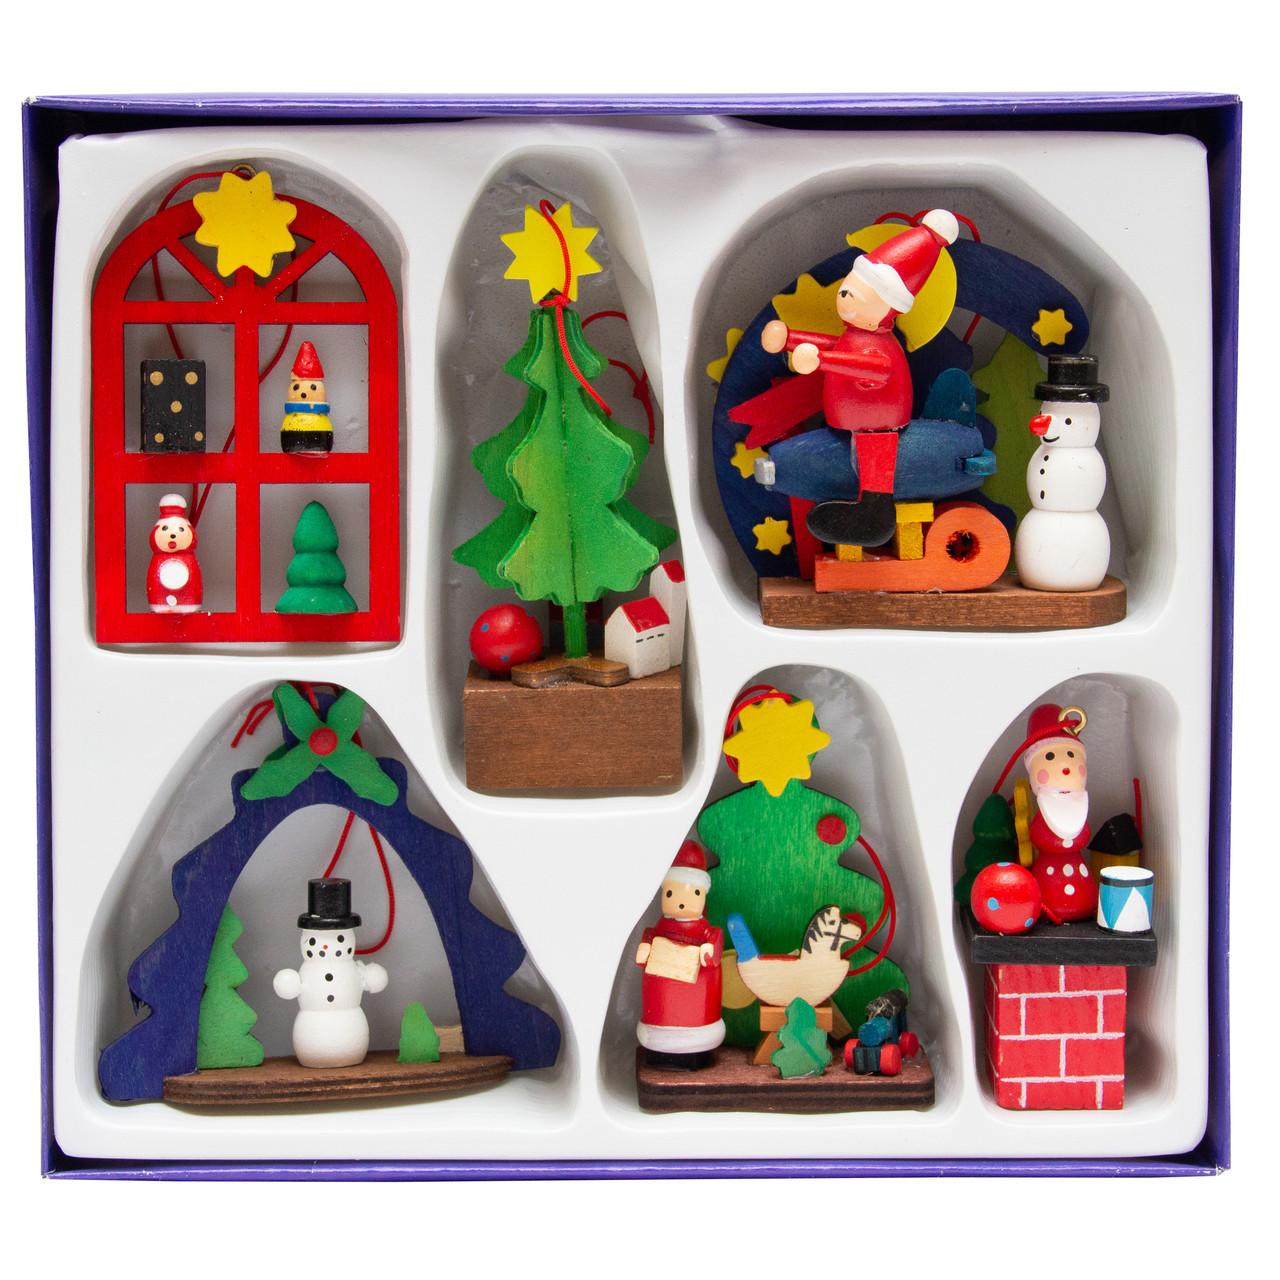 Набор новогодних игрушек  - деревянные фигурки, 6 шт, 19*17 см, разноцветный, дерево (060436)